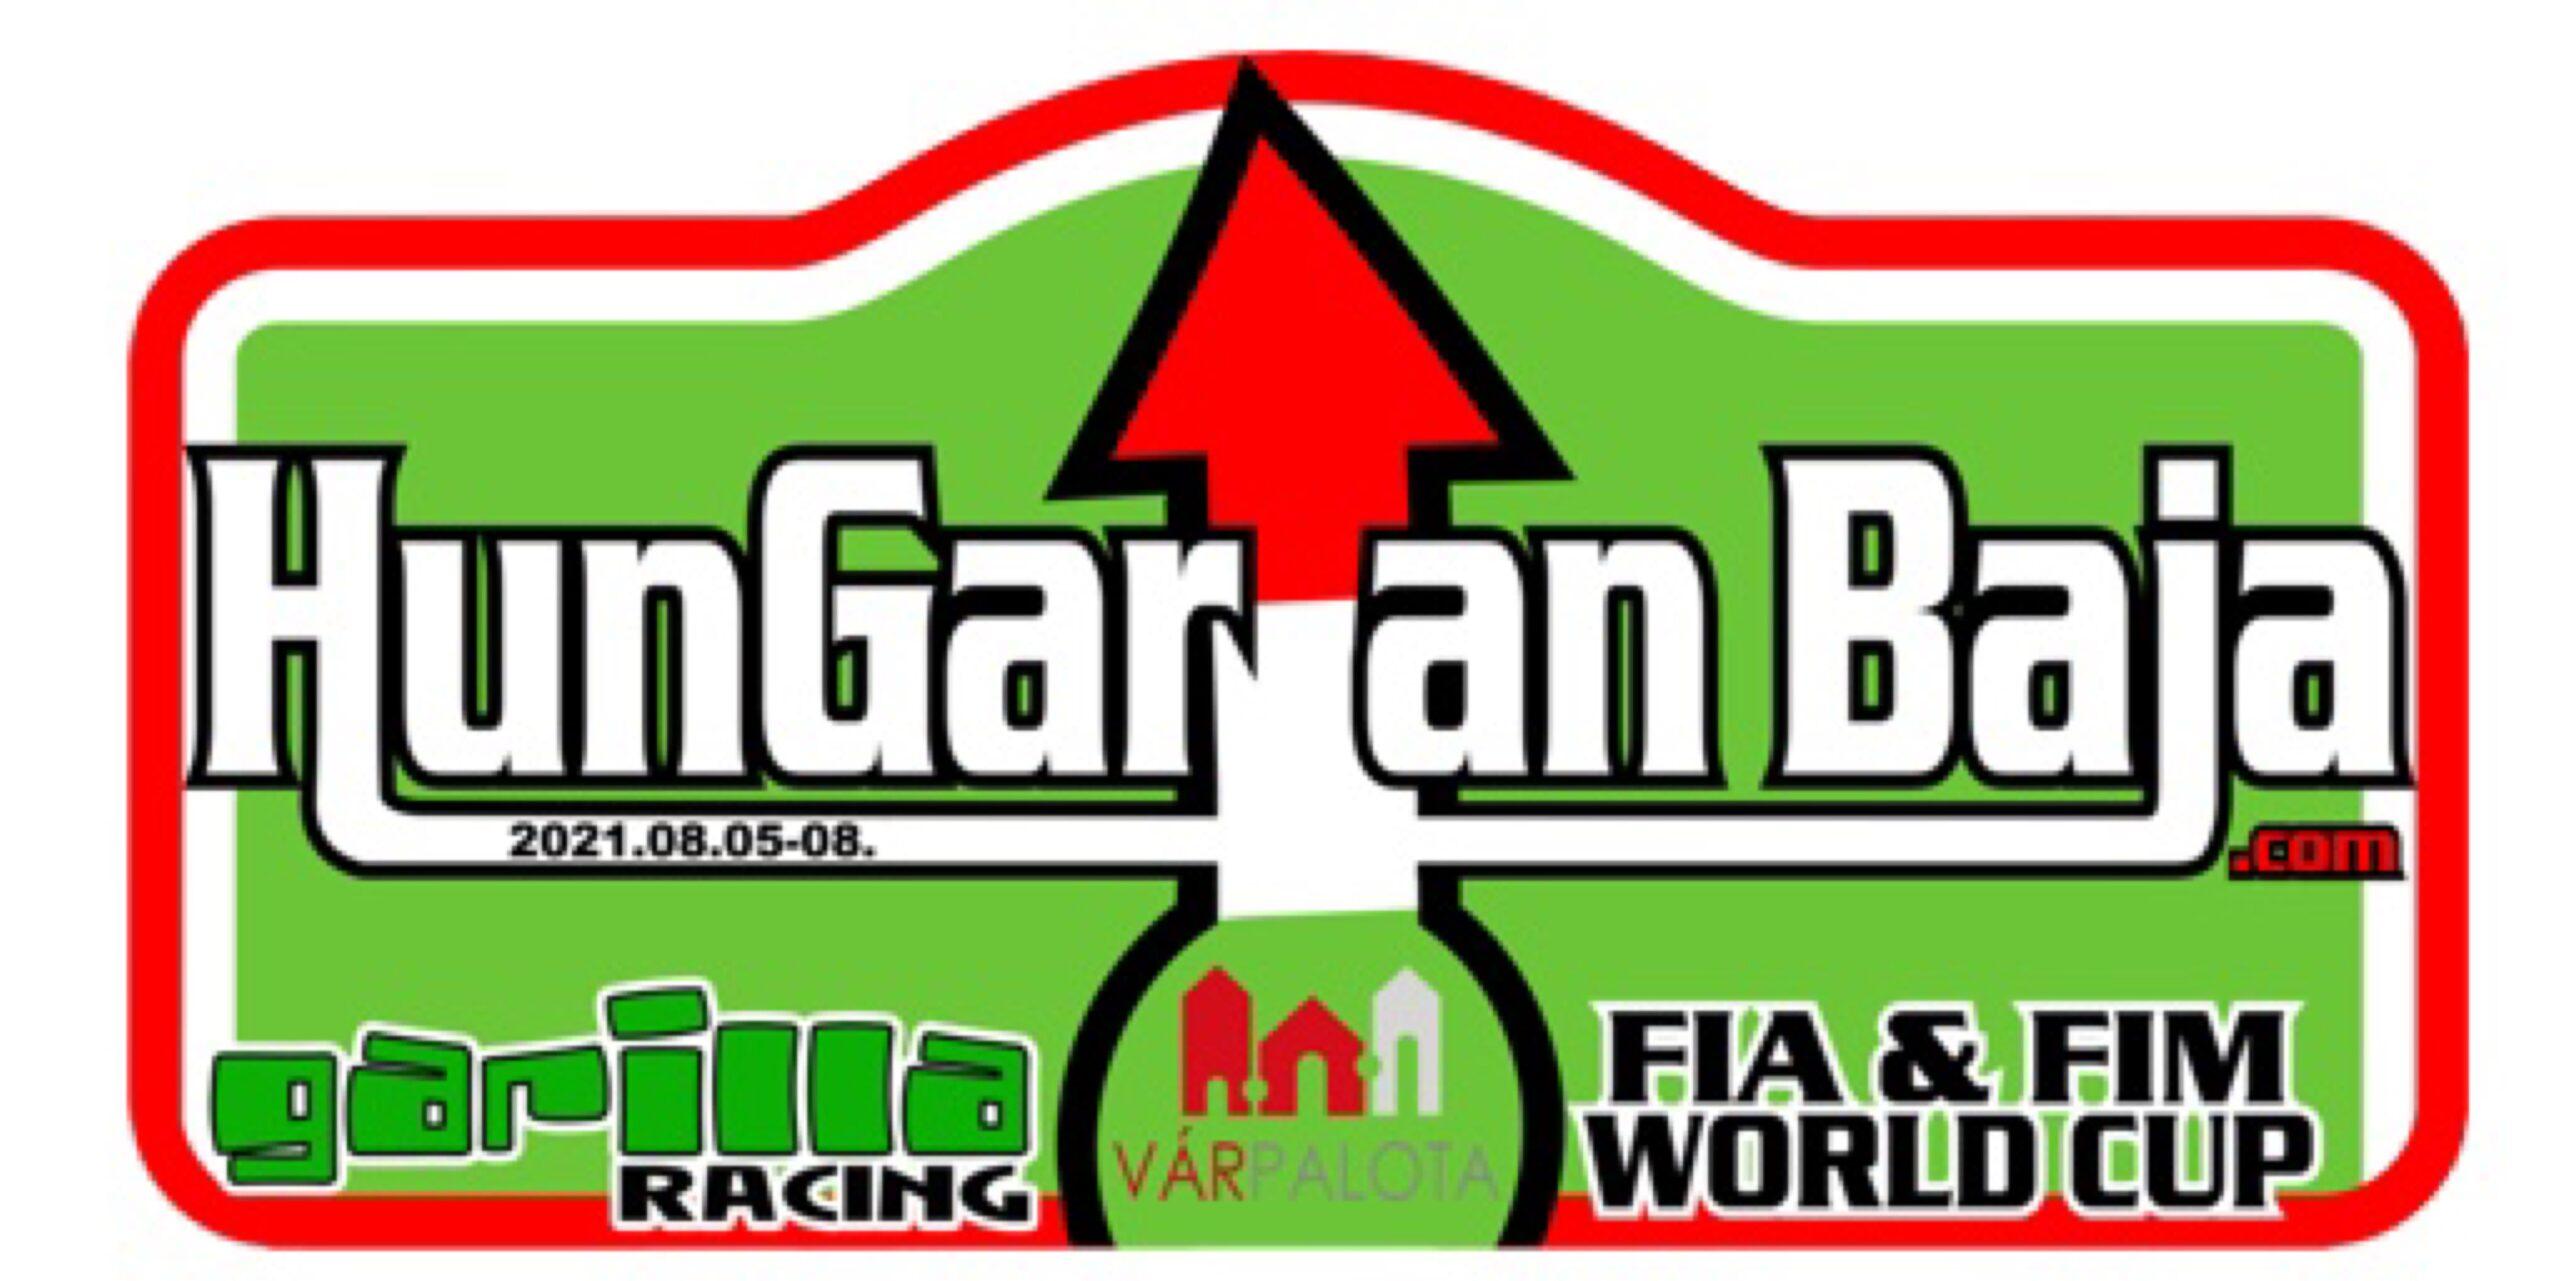 HunGarian Baja 2021